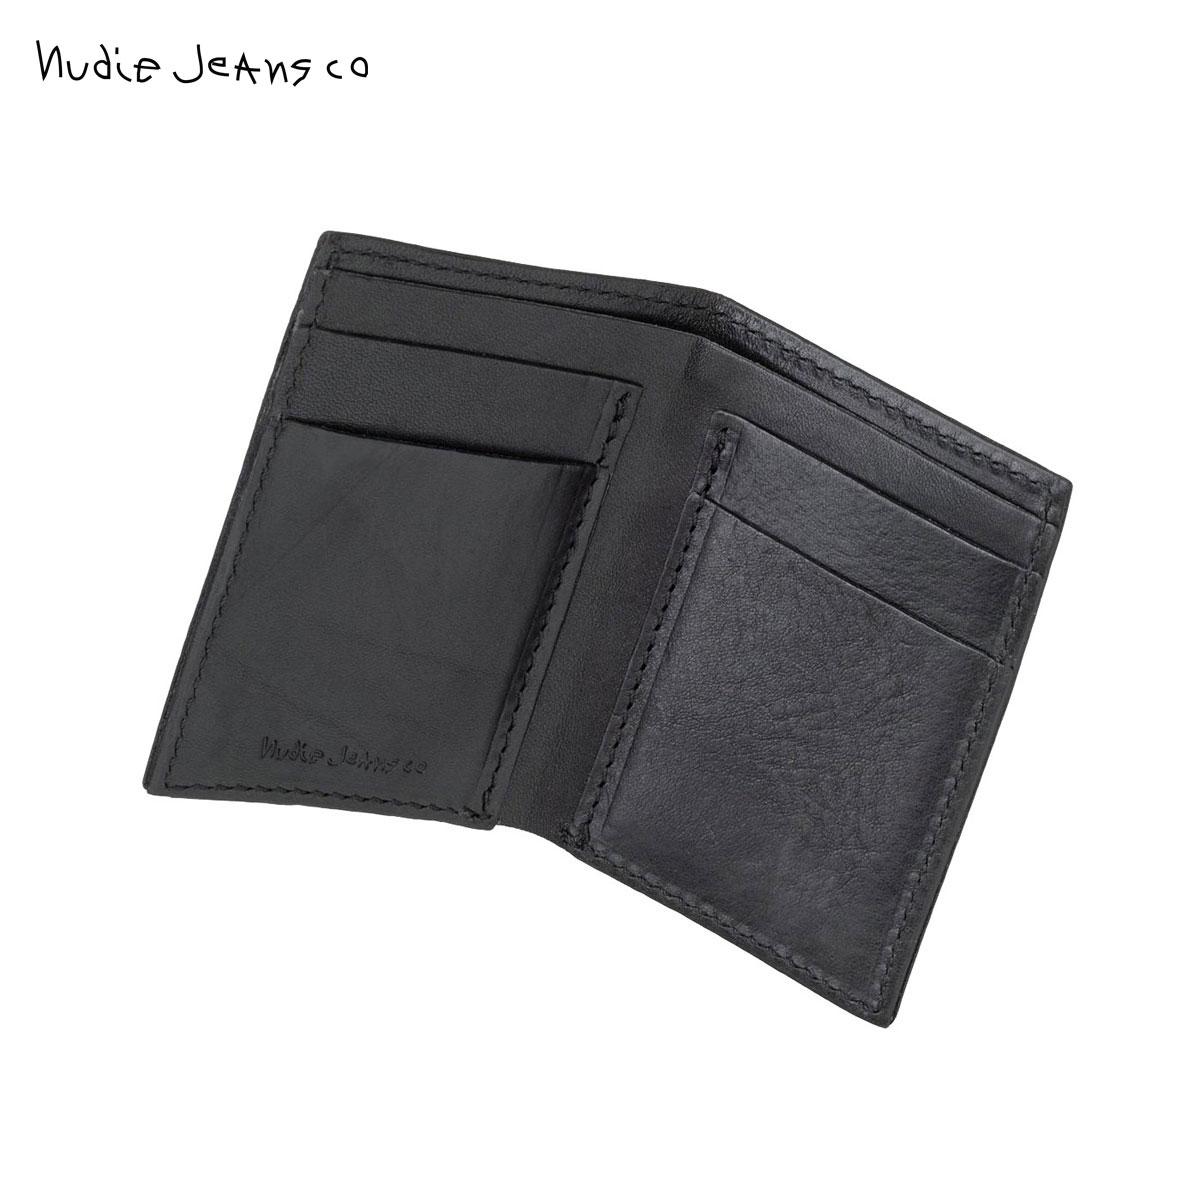 ヌーディージーンズ 財布 正規販売店 HAGDAHL WALLET SADDLE LEATHER BLACK B01 180900 D00S20 父の日